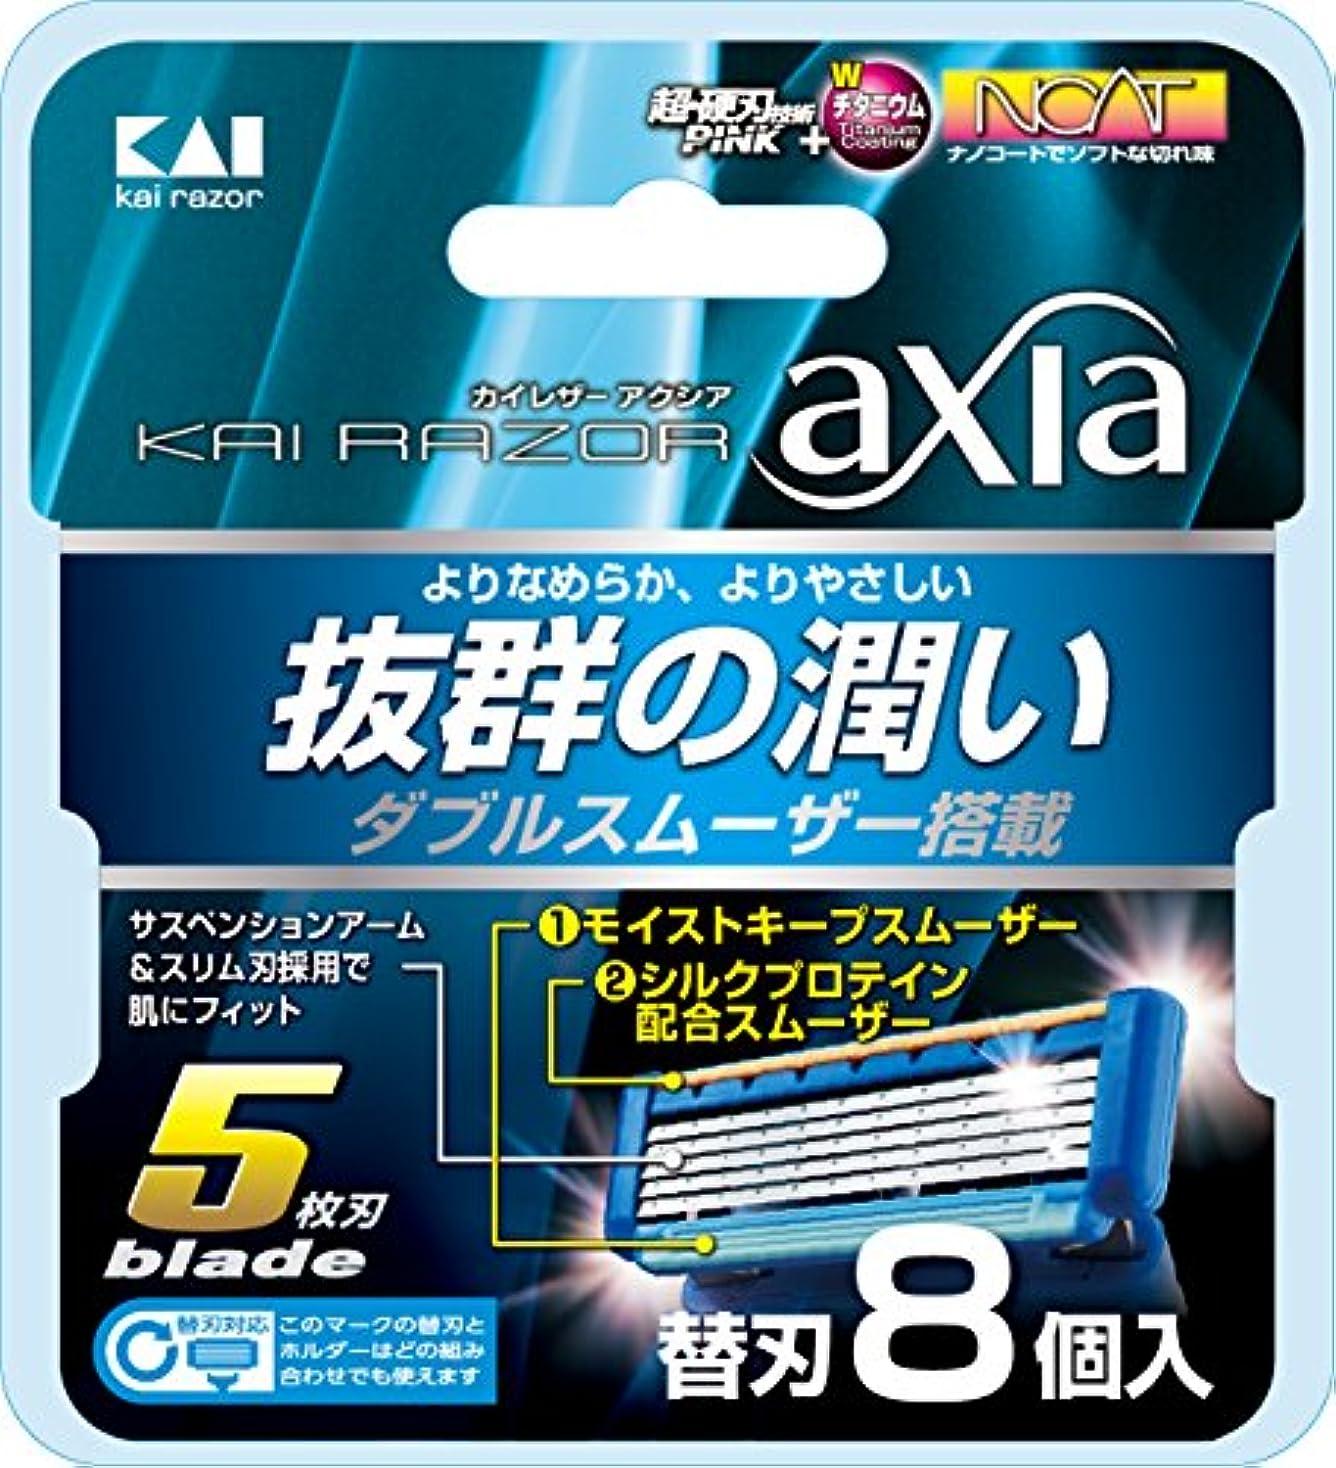 通知パーツ修理可能KAI RAZOR axia(カイ レザー アクシア)5枚刃 替刃 8個入